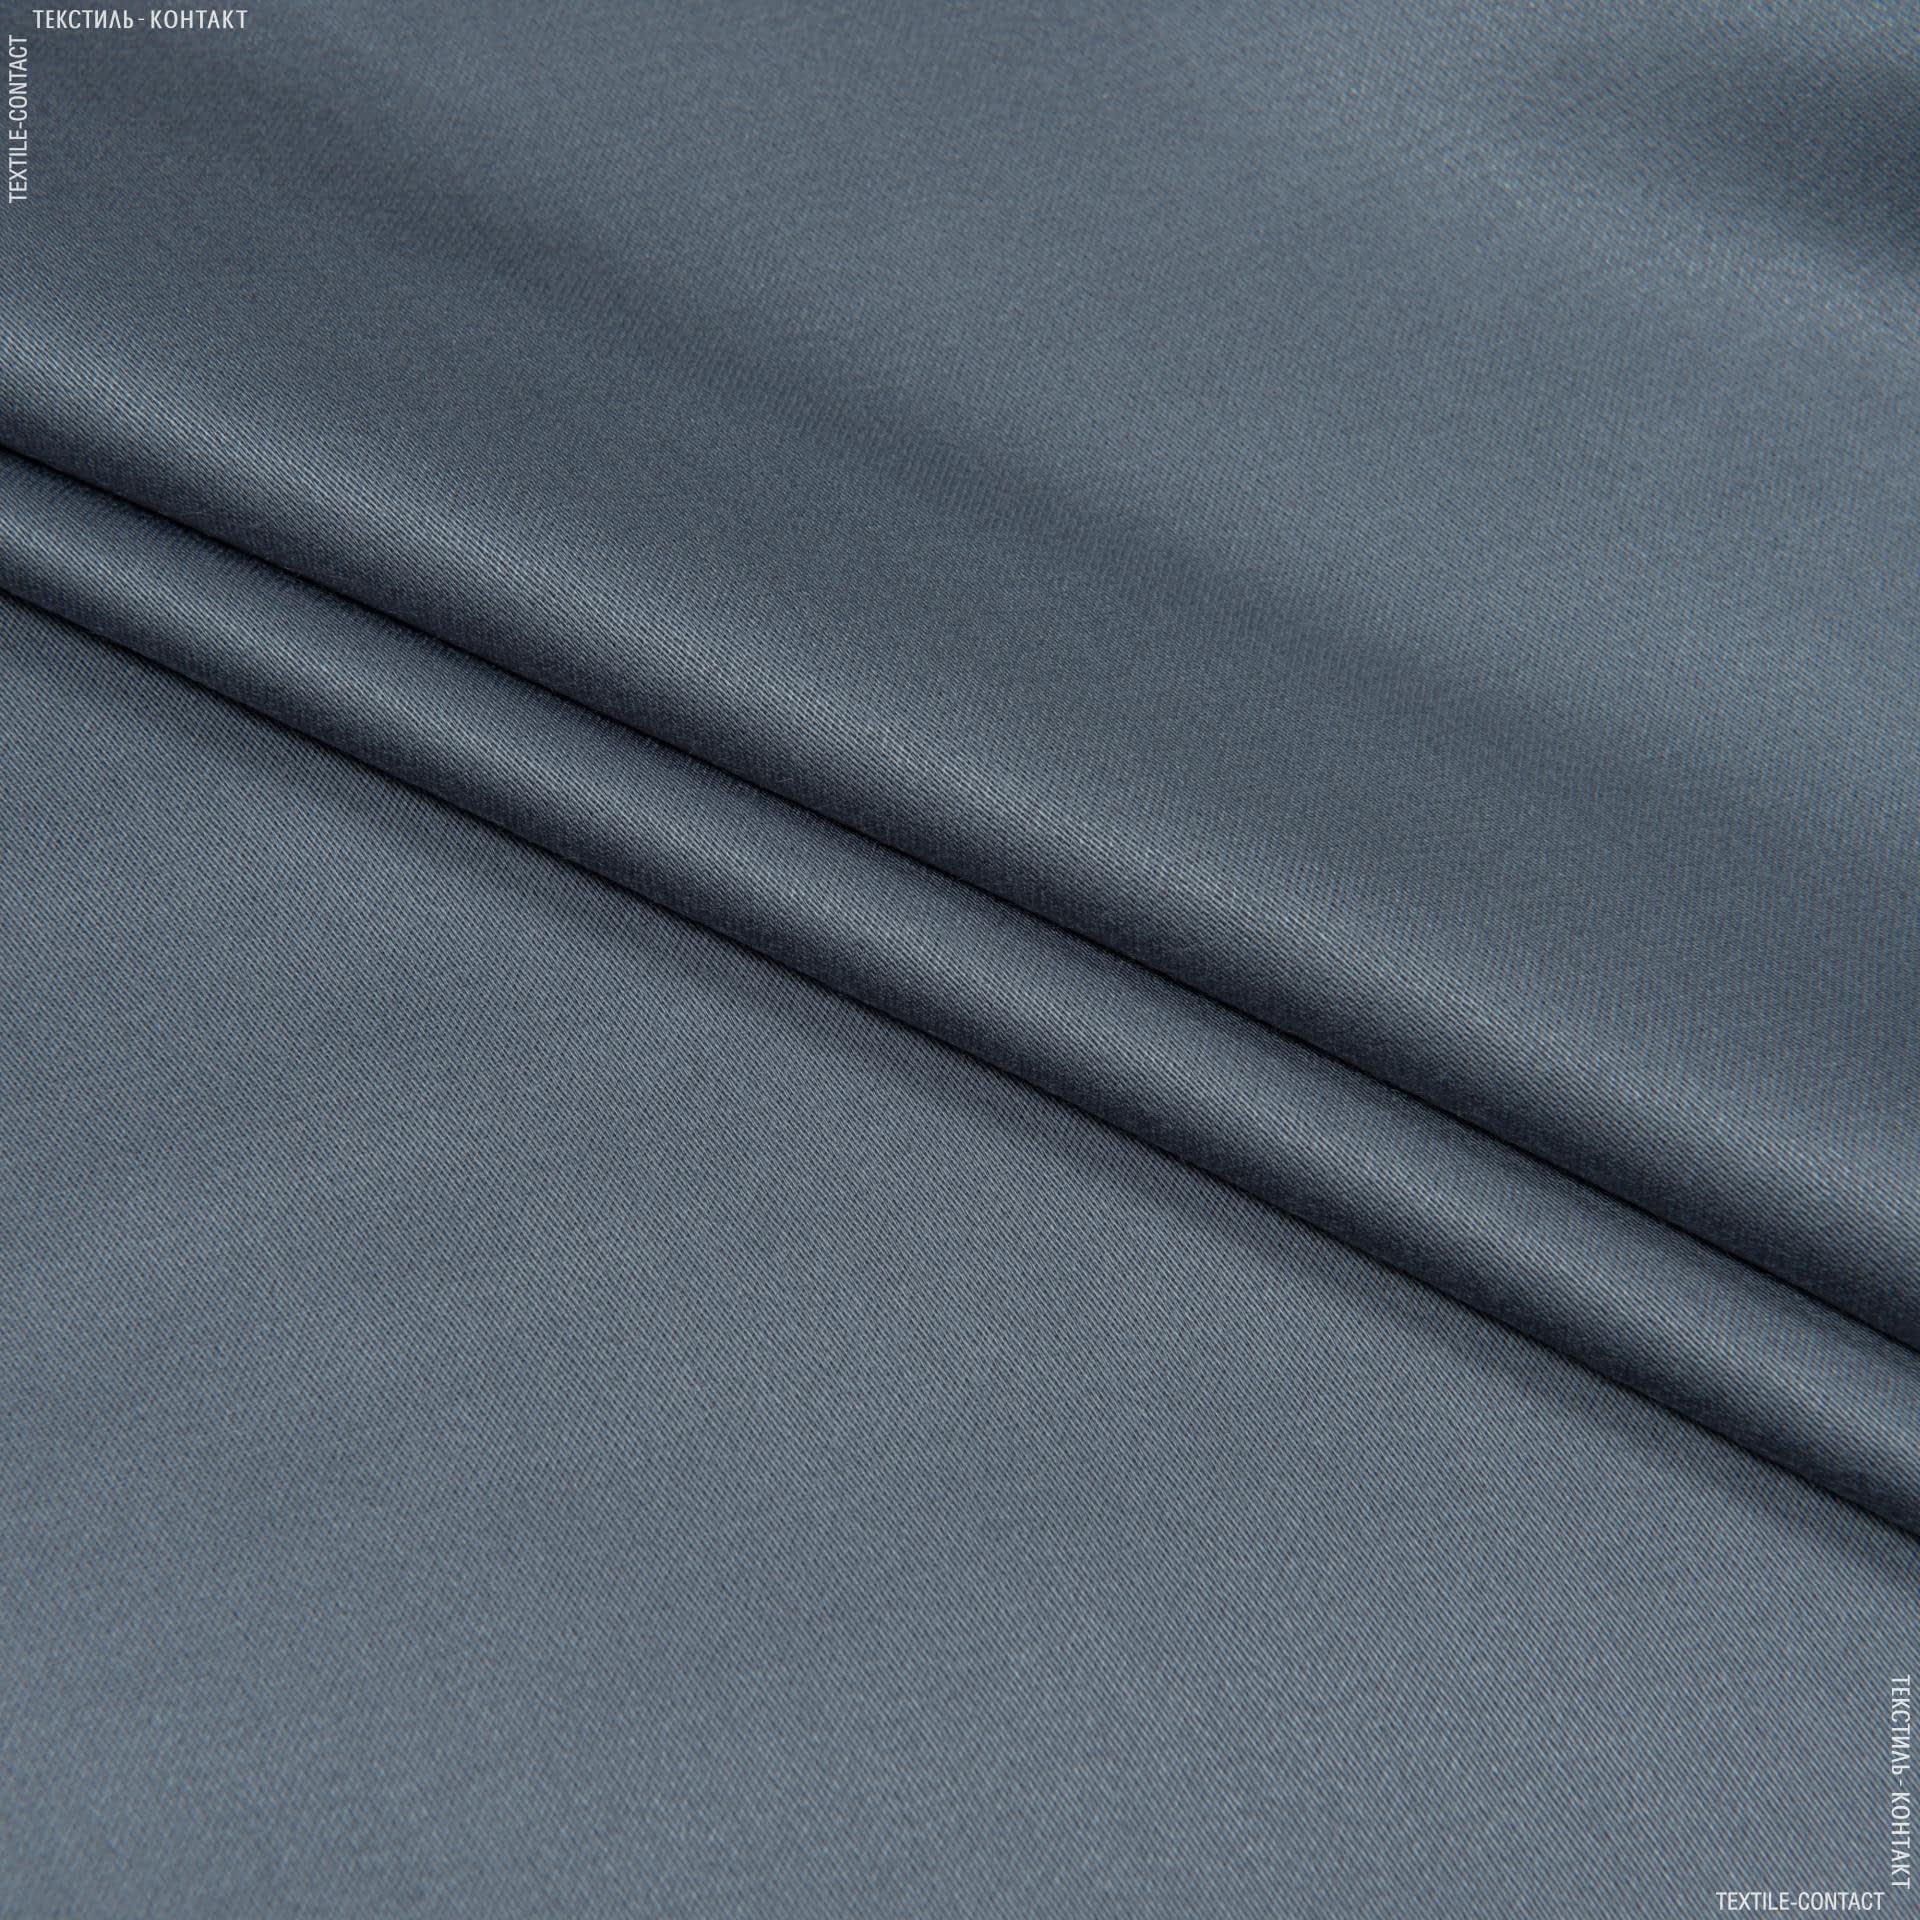 Тканини для штанів - Костюмний сатин сірий